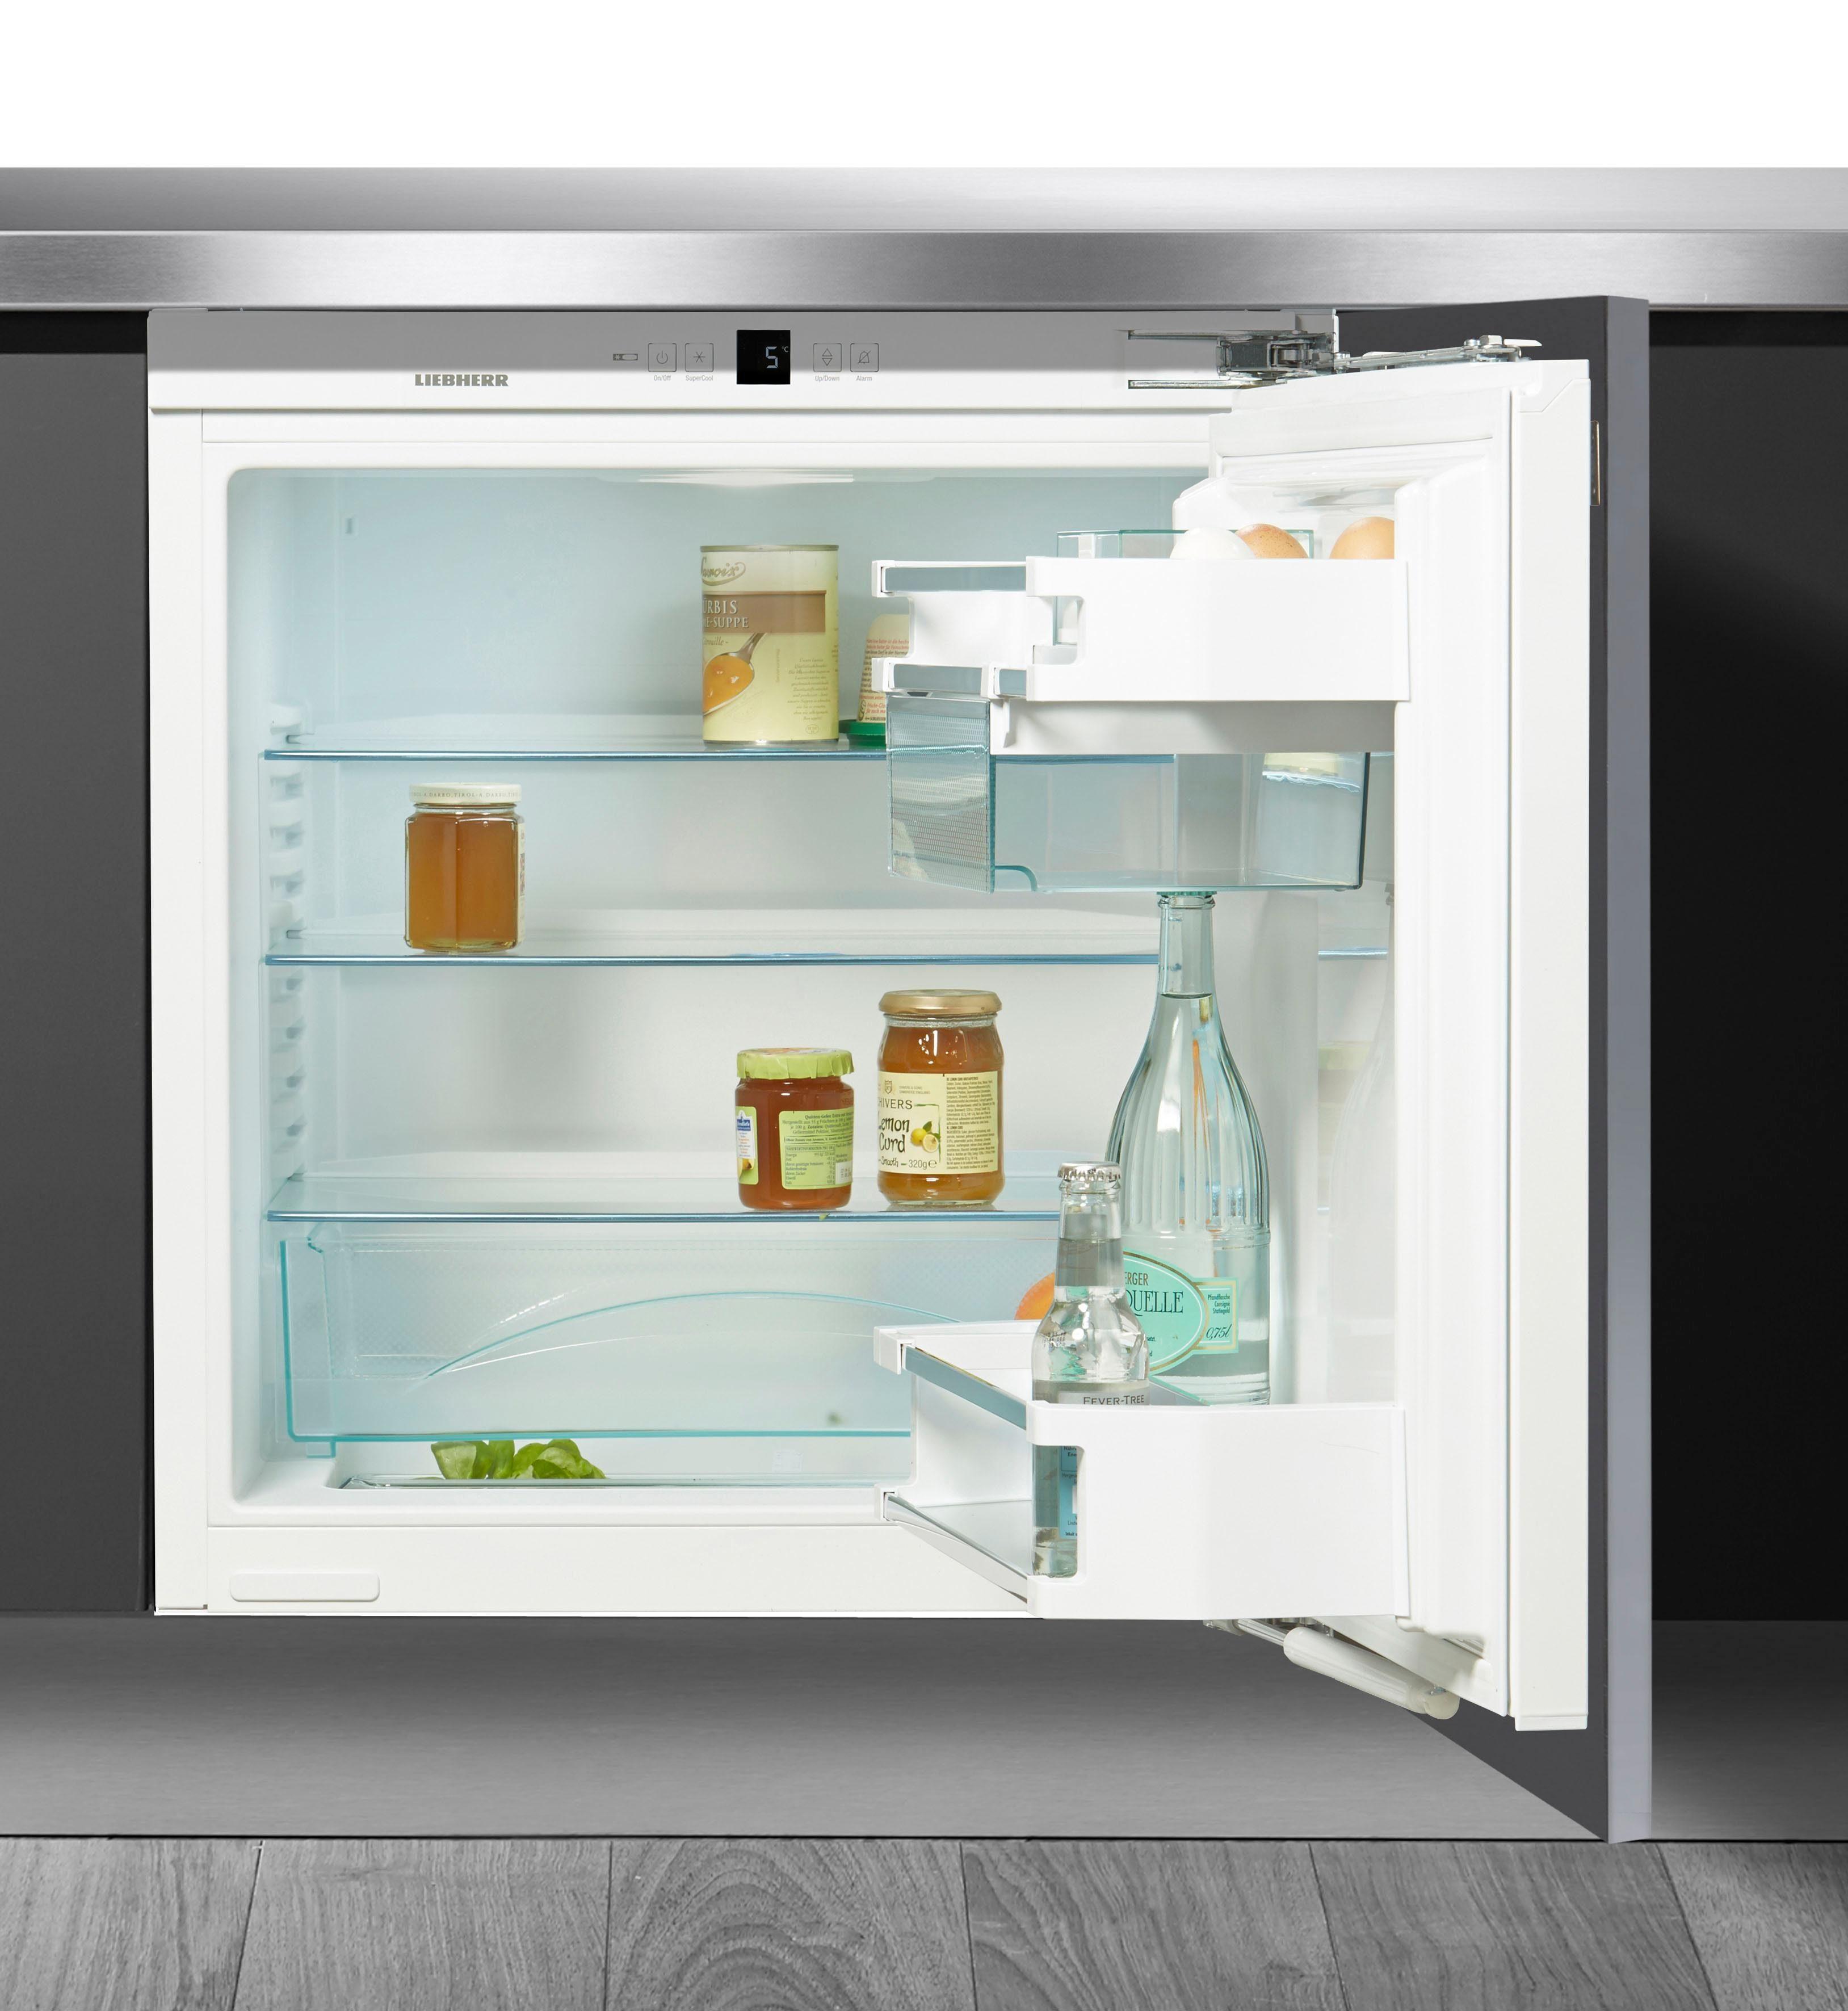 Liebherr Einbaukühlschrank Premium UIKP 1550-20, 82 cm hoch, 60 cm breit